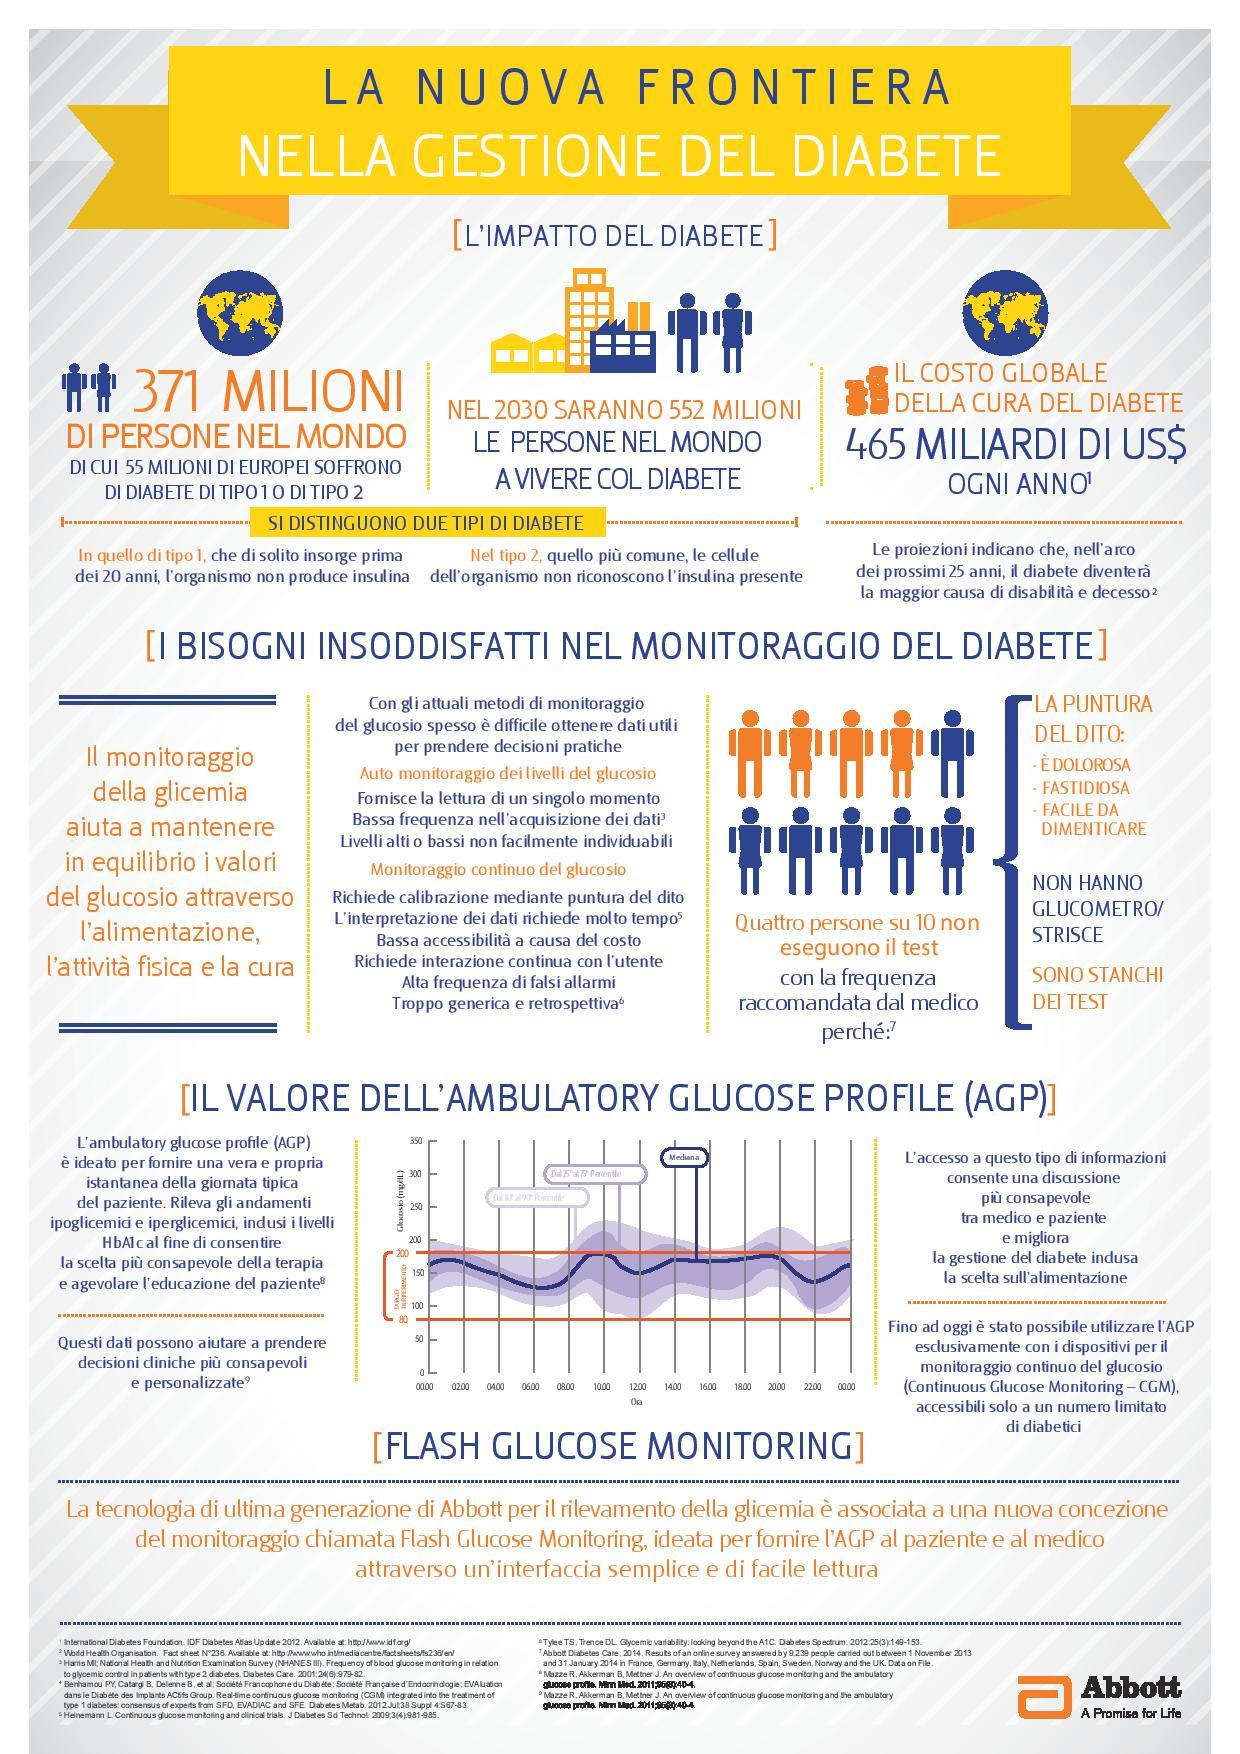 Infografica di FreeStyle Libre